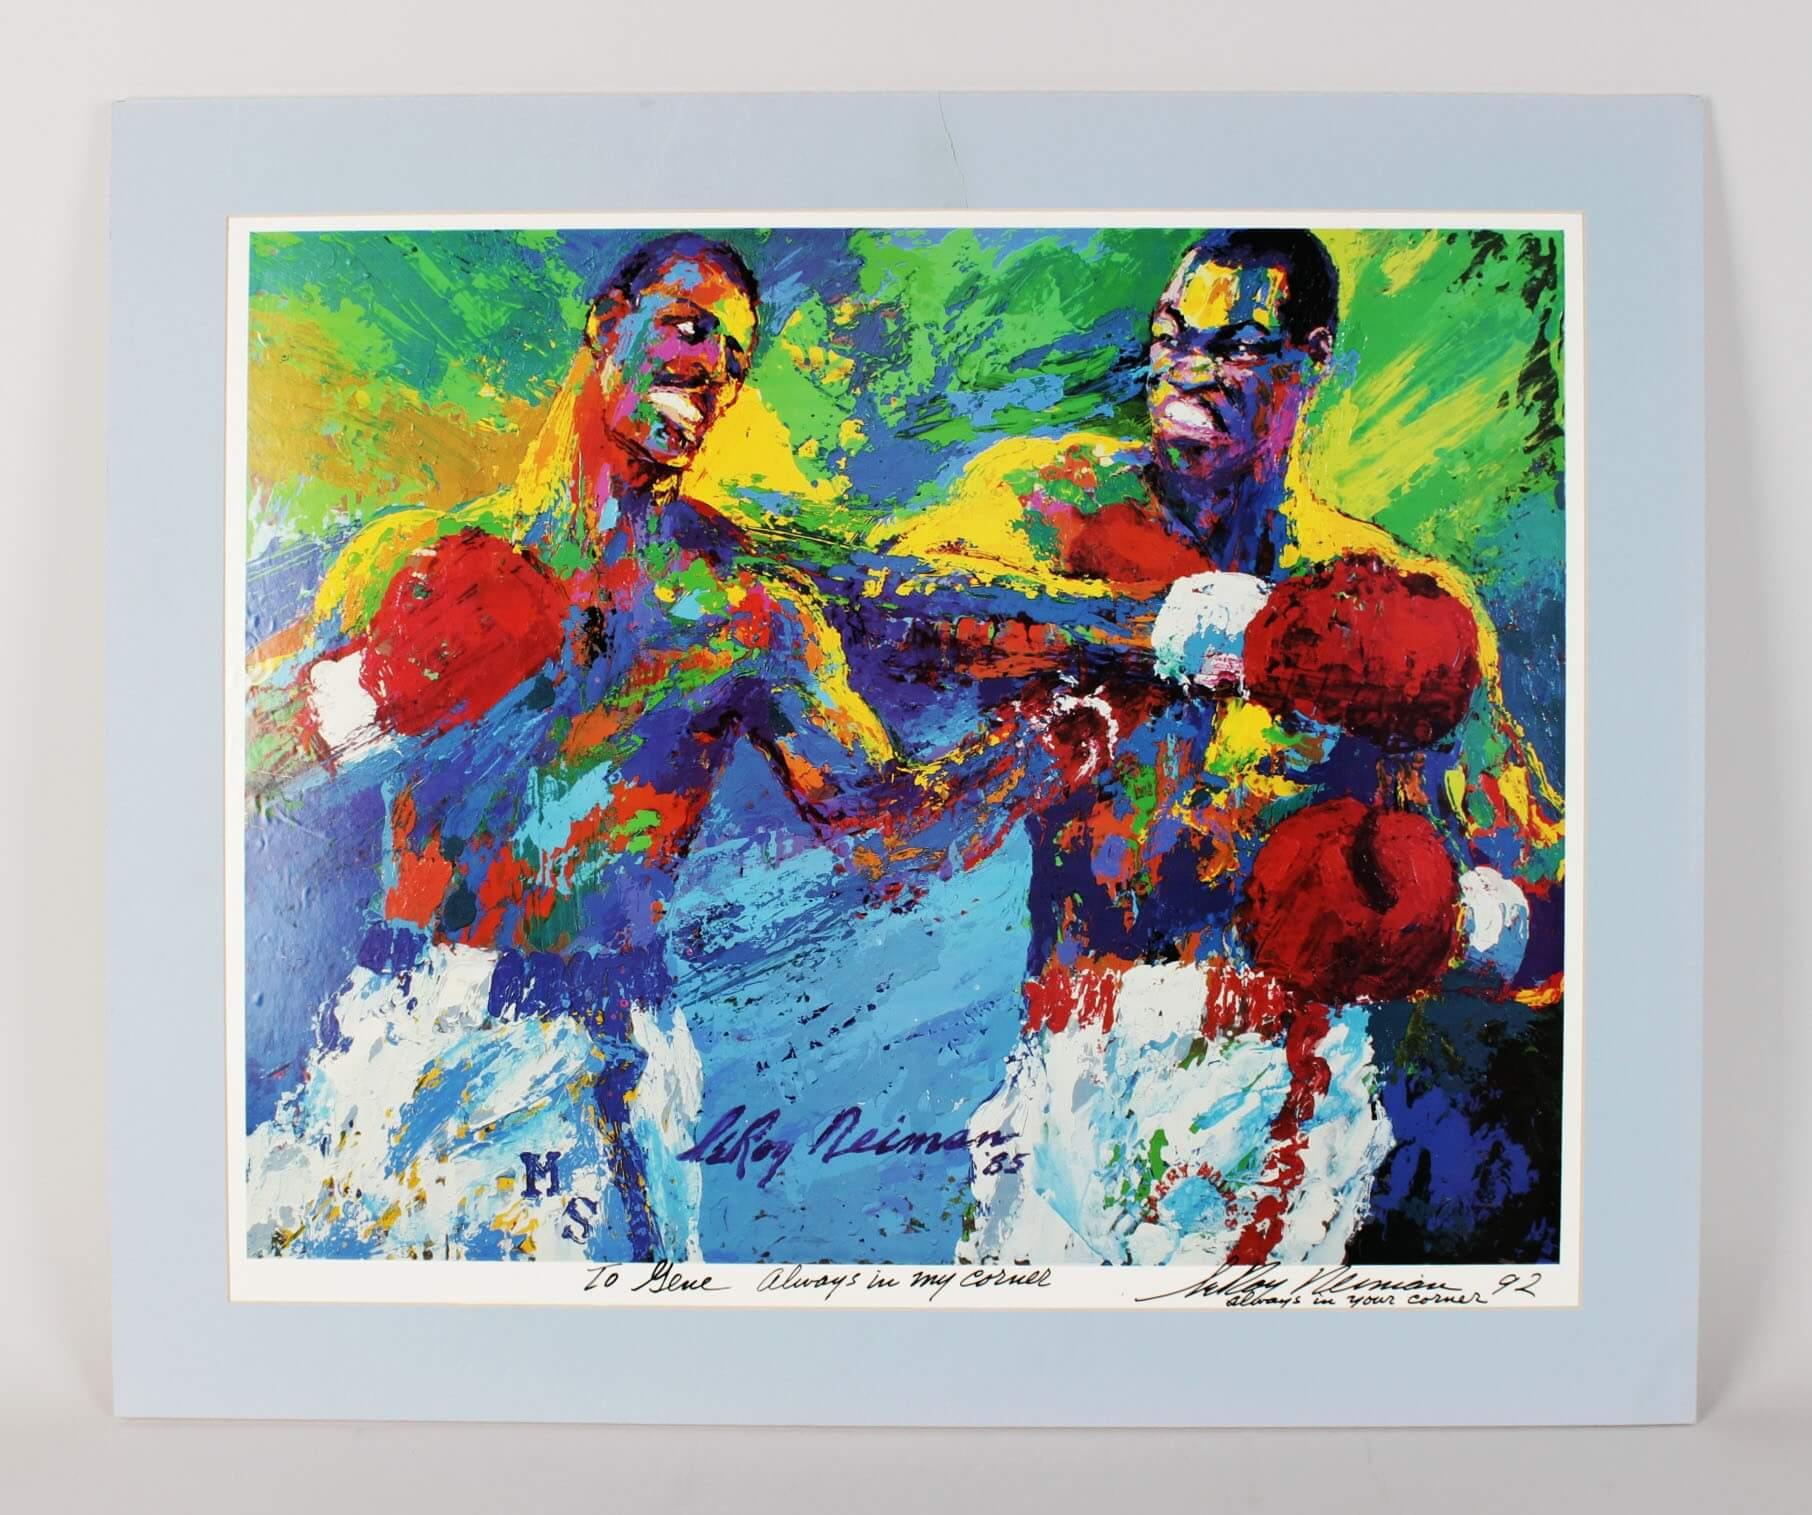 LeRoy Neiman Signed Poster Holmes vs. Spinks - COA JSA